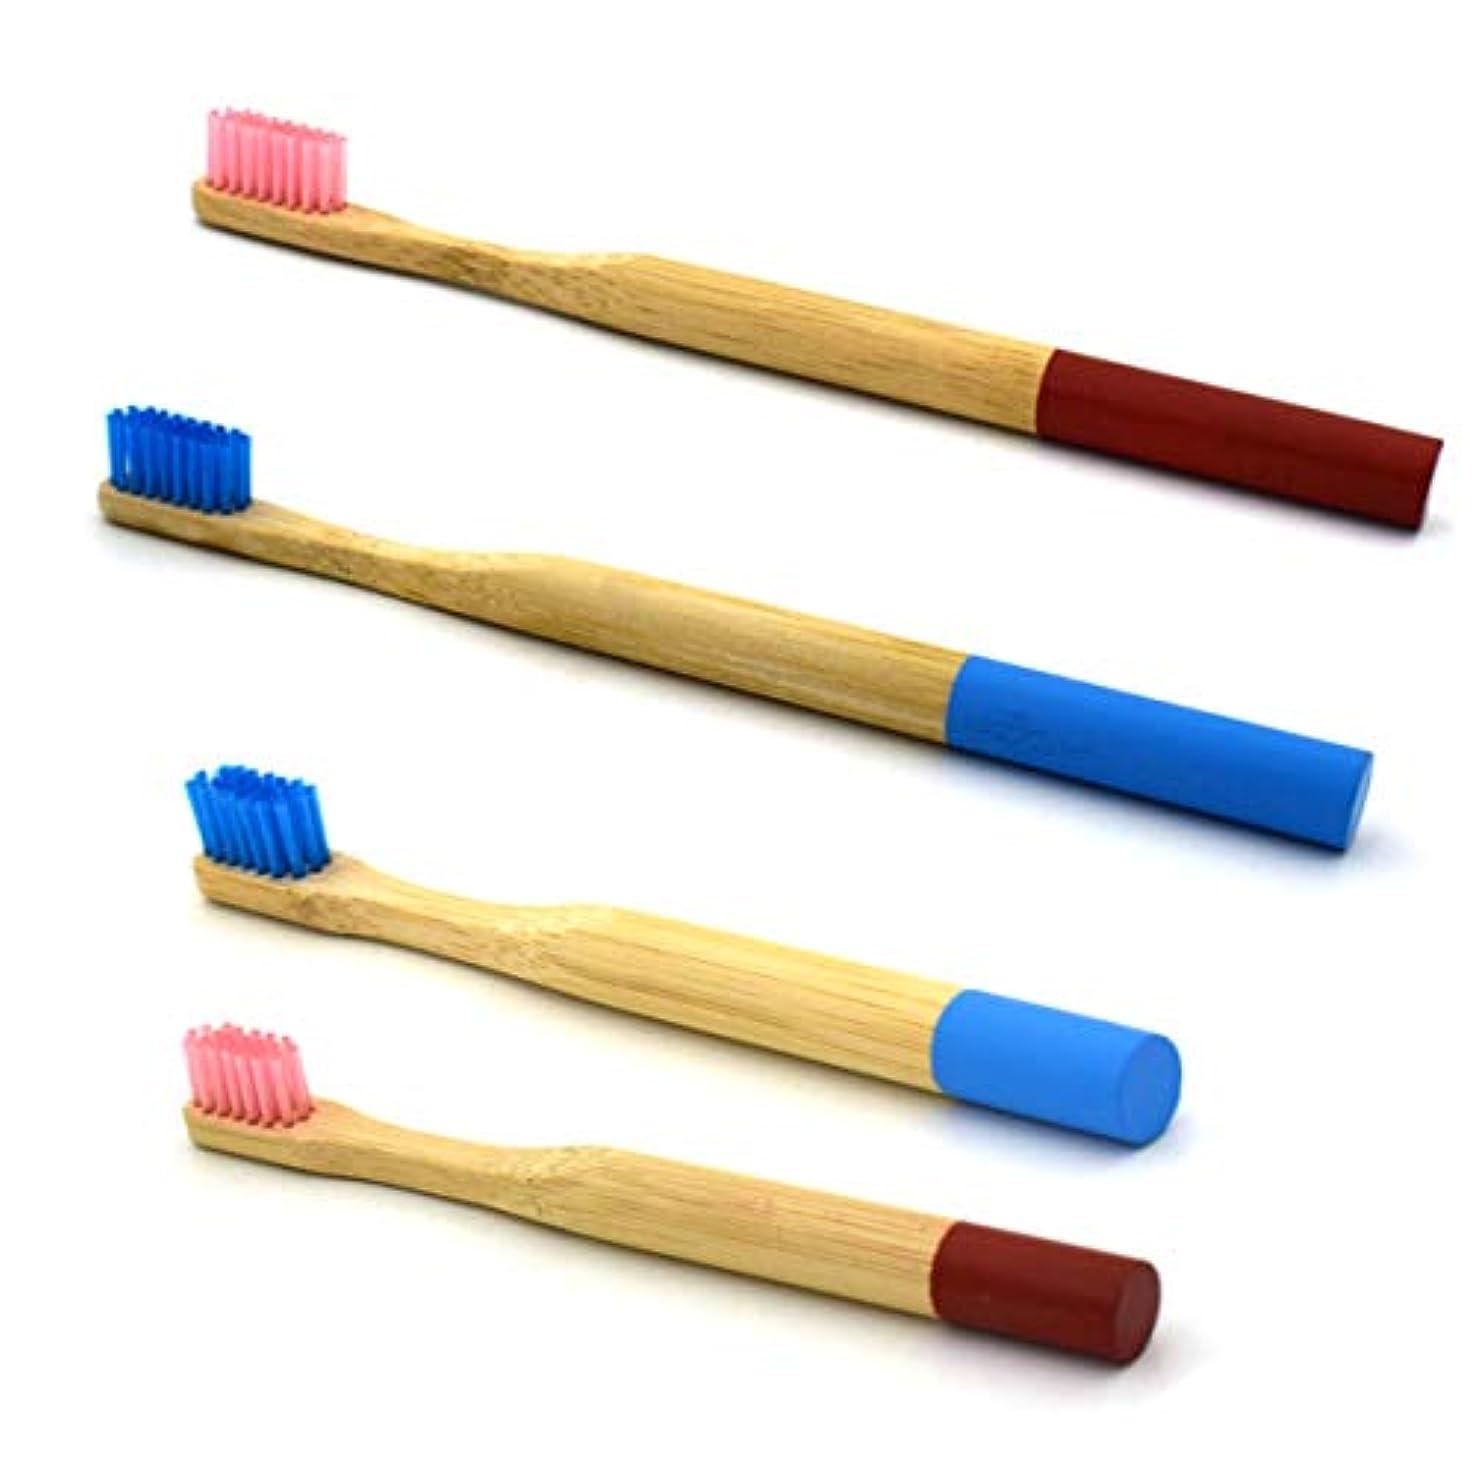 マエストロ上がる成長するSUPVOX 柔らかい毛の丸いハンドルが付いている2組の天然の竹歯ブラシ